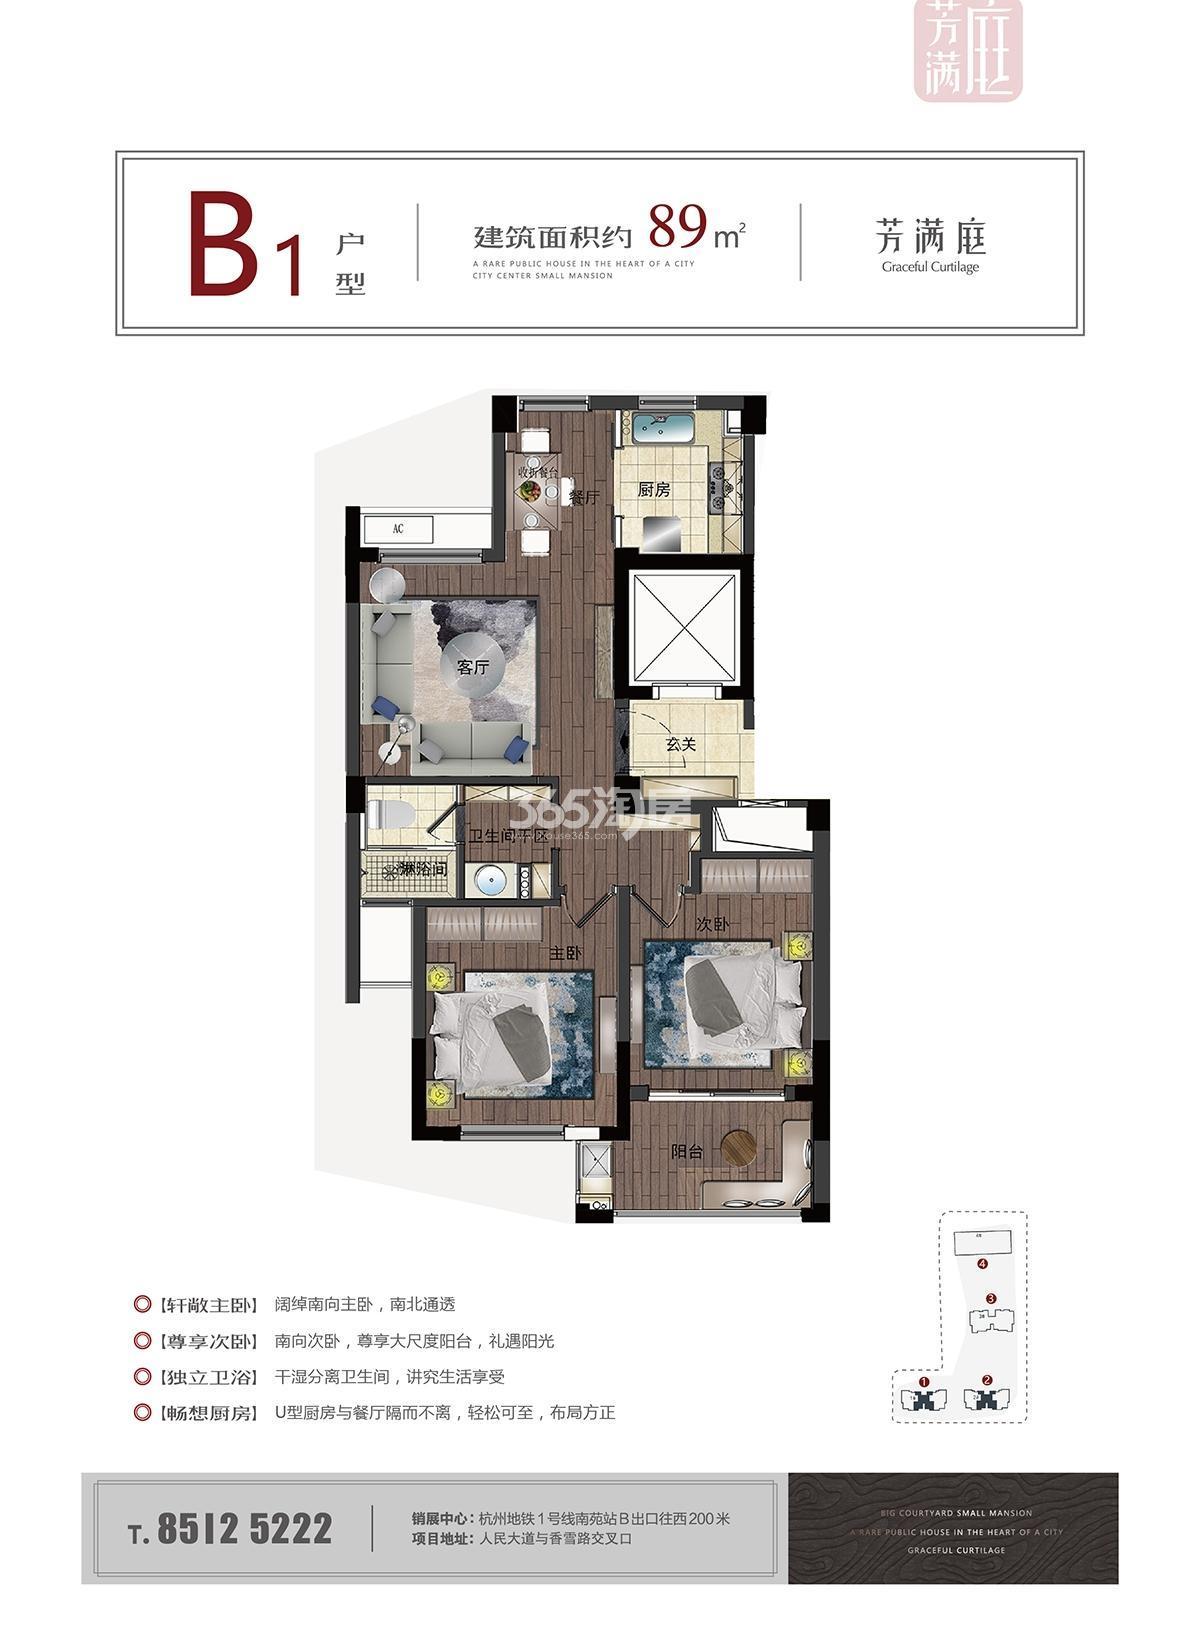 临平芳满庭1、2号楼B1户型89方中间套